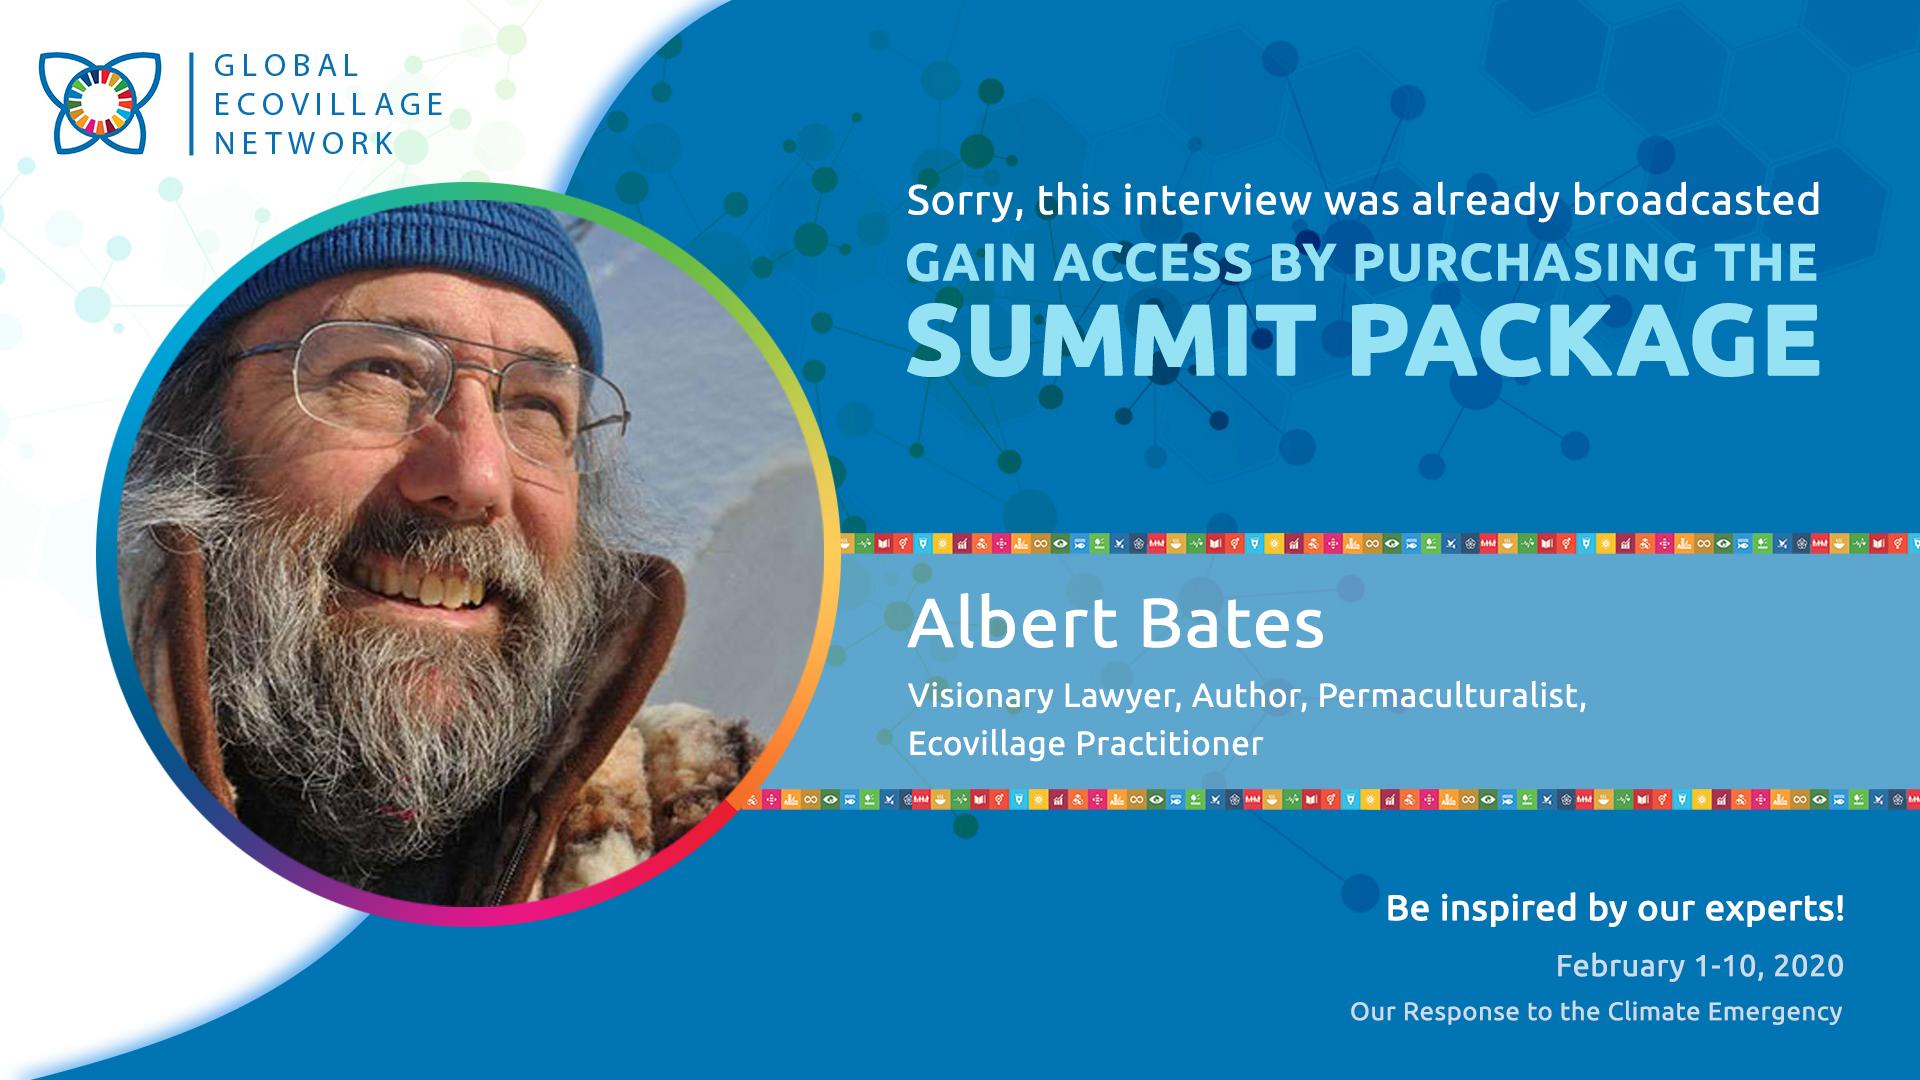 Albert Bates